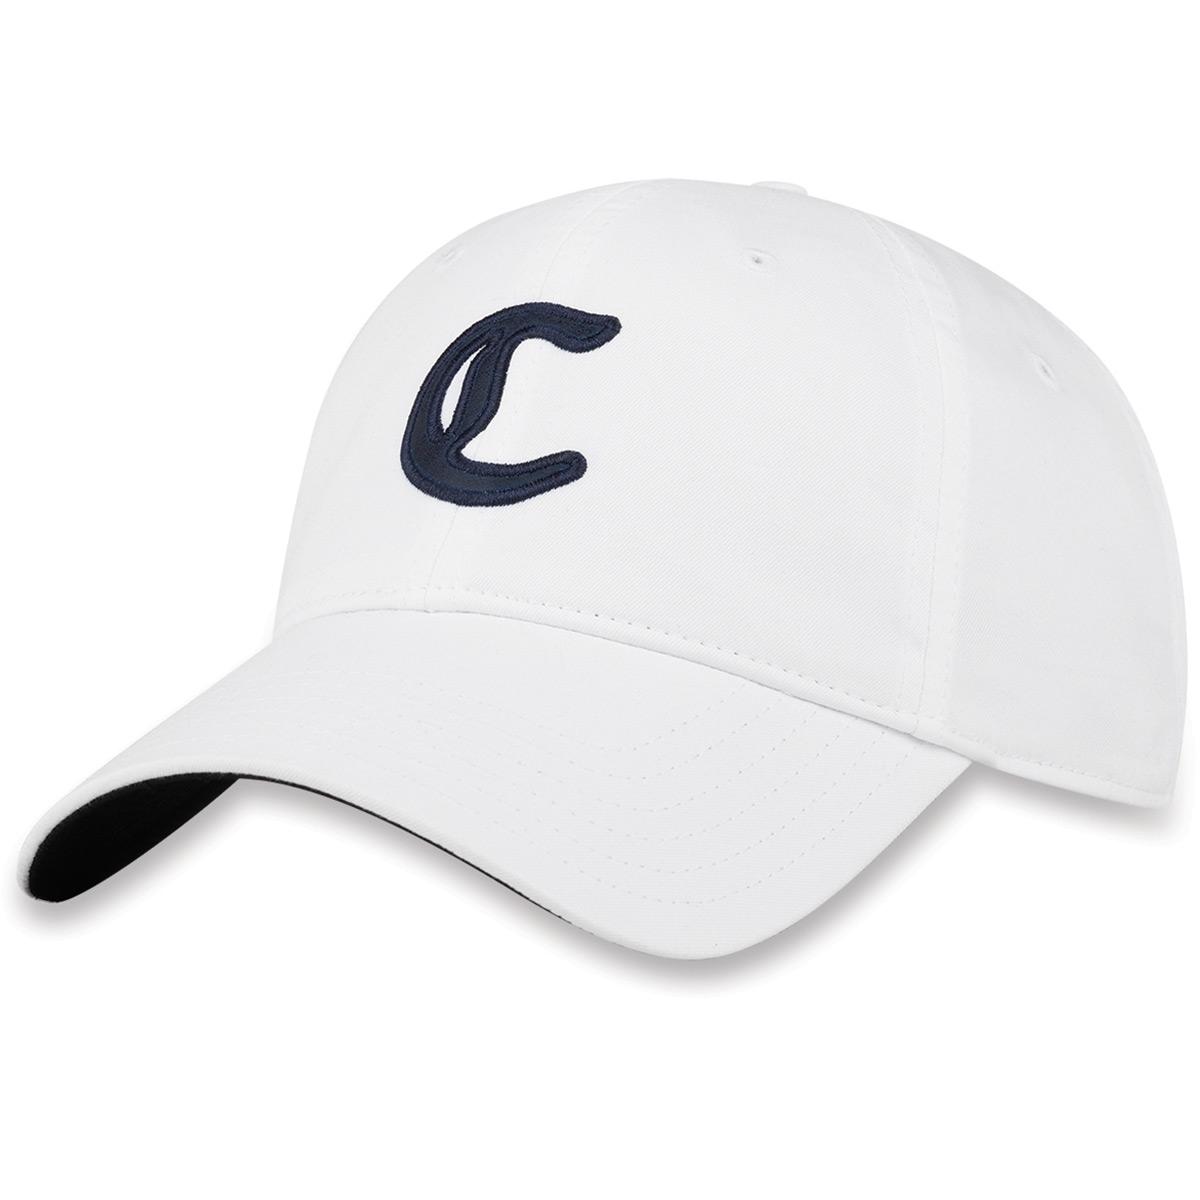 Callaway Golf C Collection Baseball Cap  3cd39cf6e9a